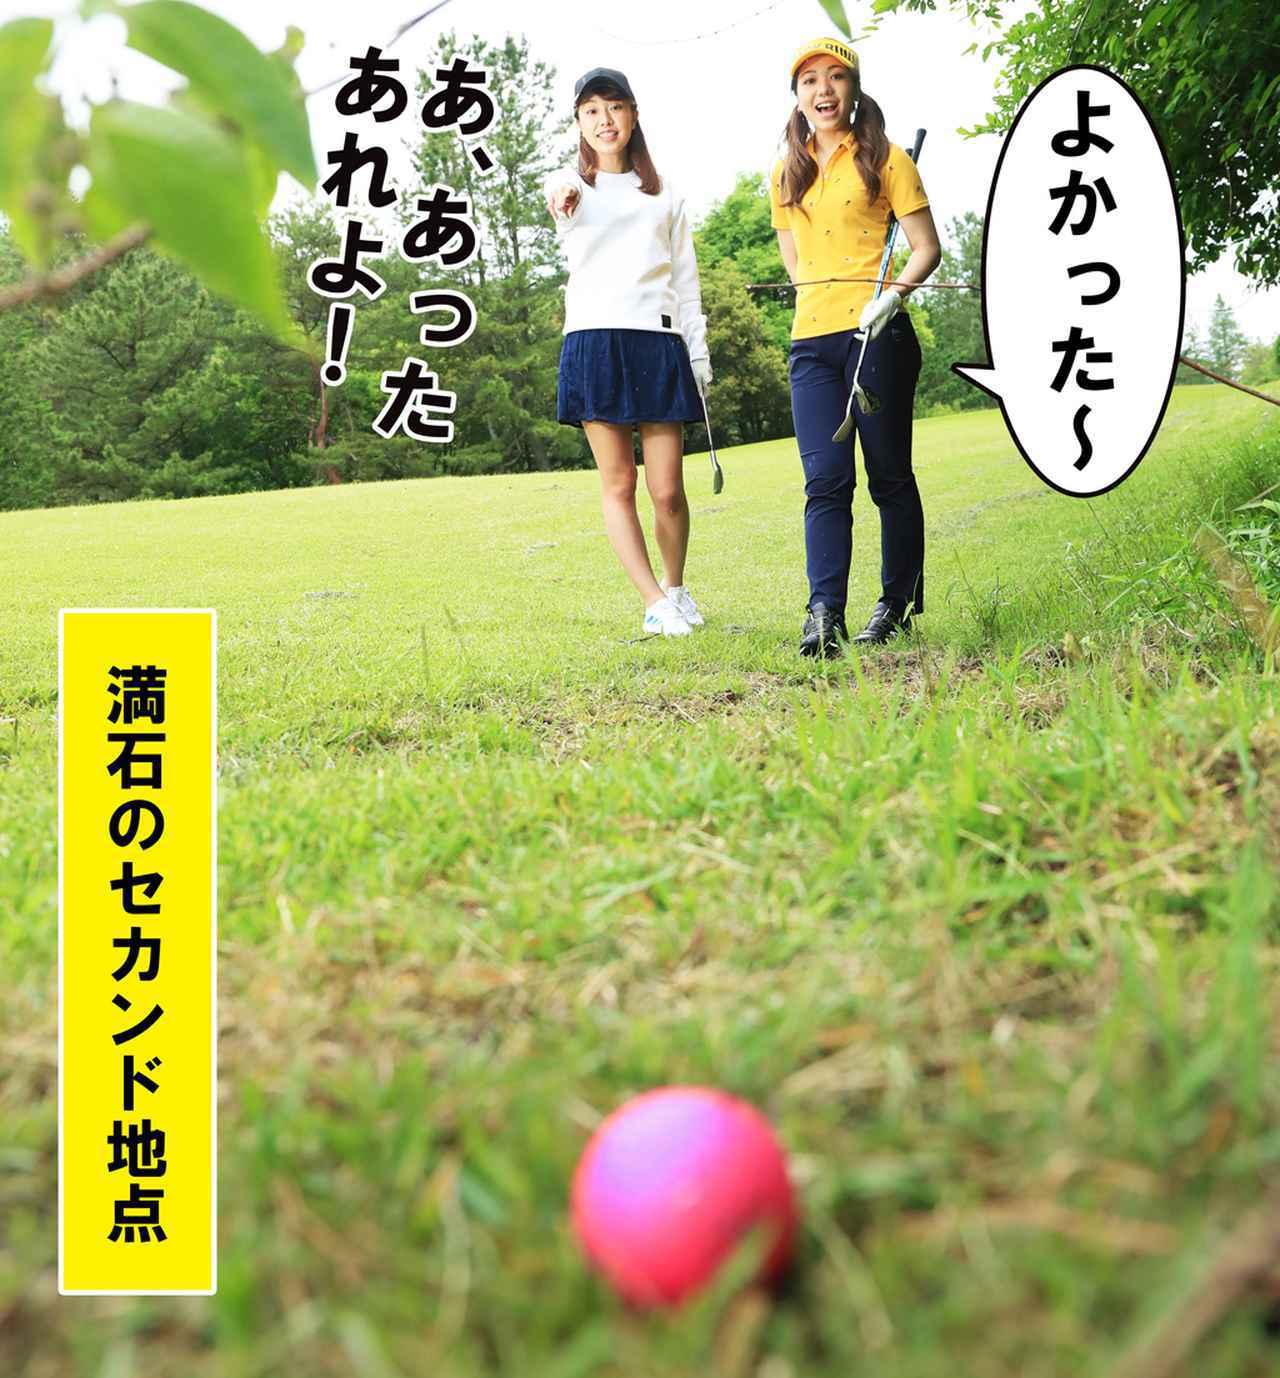 画像: 会員番号47 満石奈々葉(左)、会員番号40 萩原菜乃花(右)